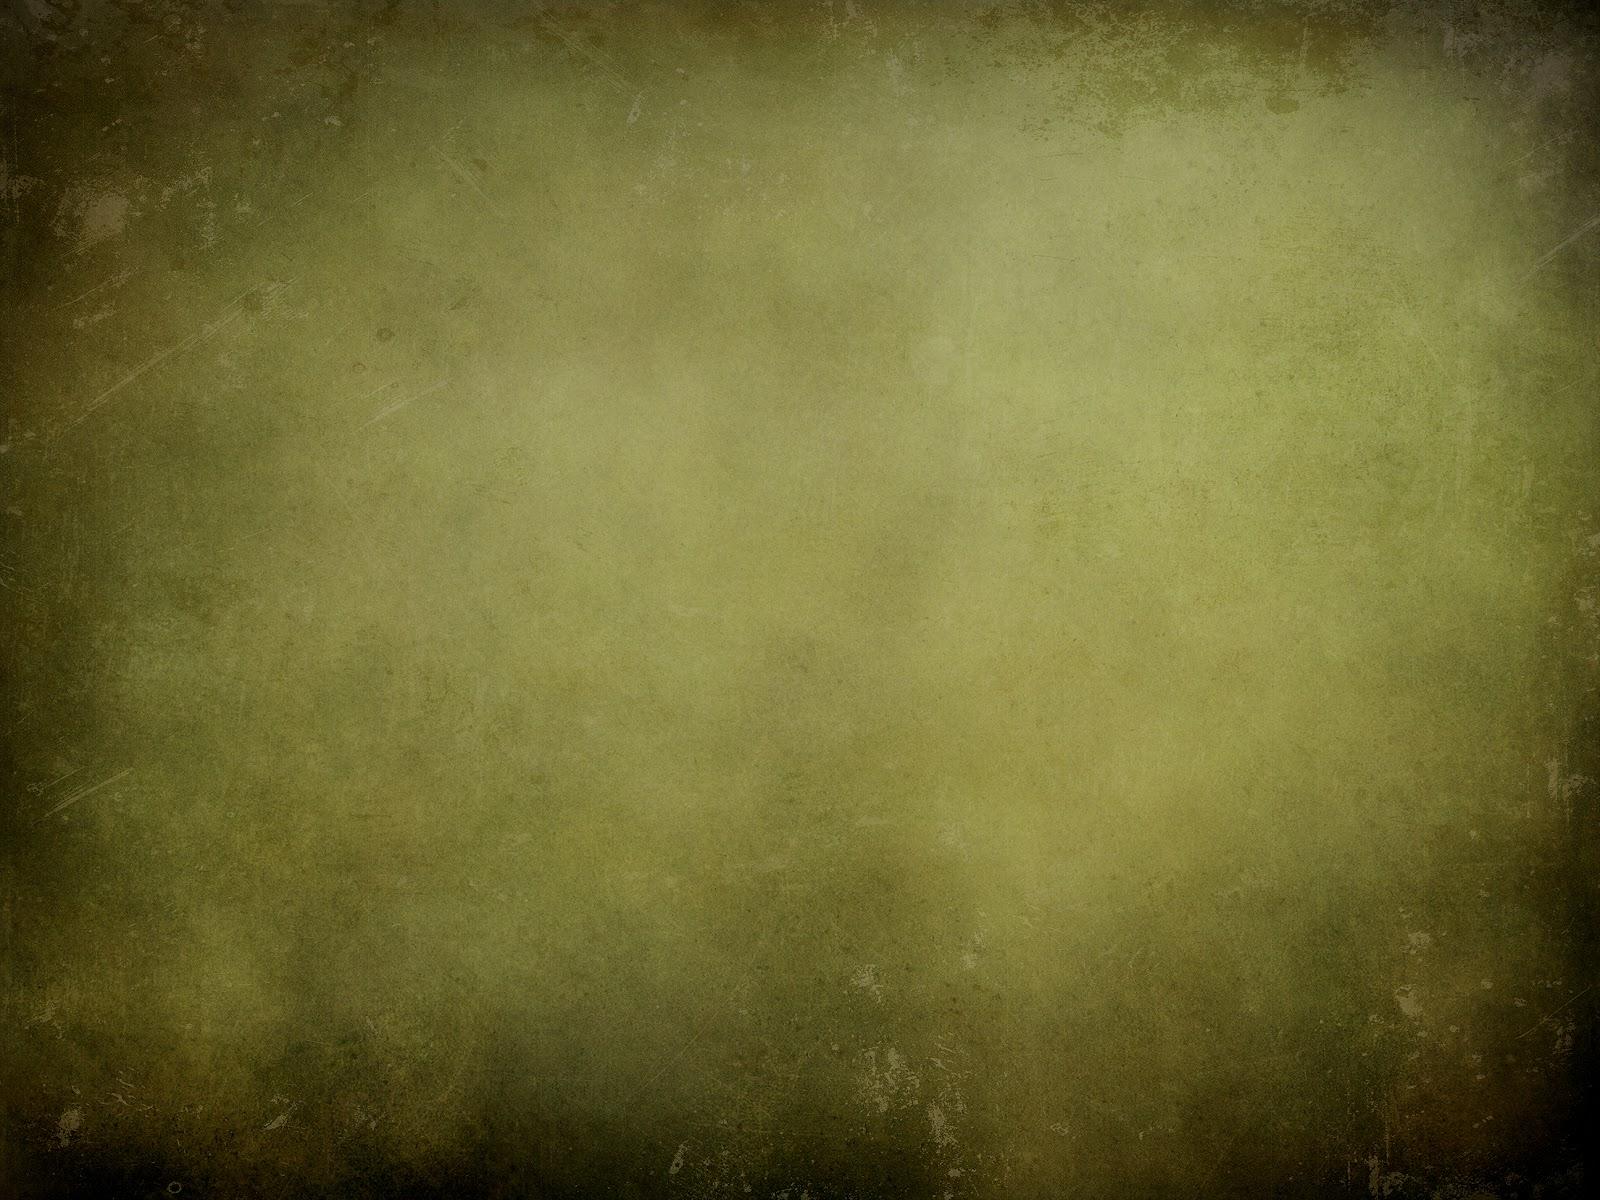 http://1.bp.blogspot.com/_jFM-Fd8NDFE/TP-2vhsoCyI/AAAAAAAALmA/GpzG0-MEwsw/s1600/DC-Gold.jpg